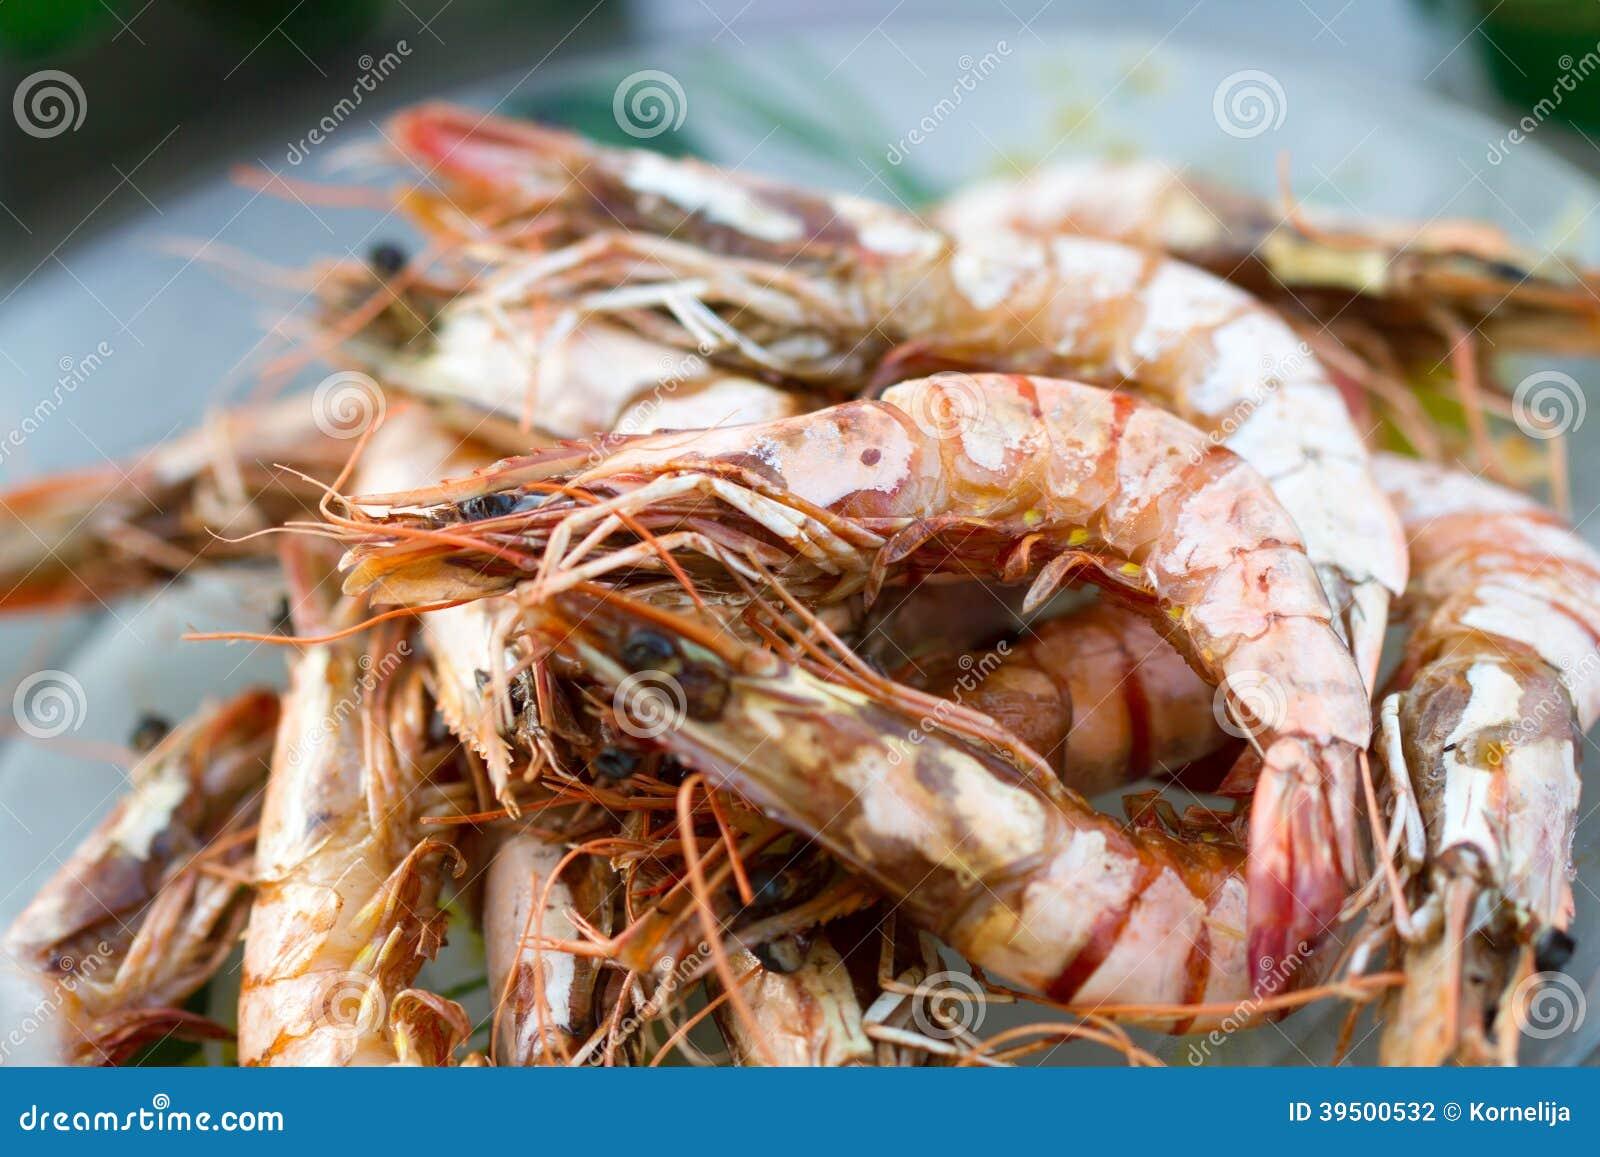 Ψημένες στη σχάρα γαρίδες